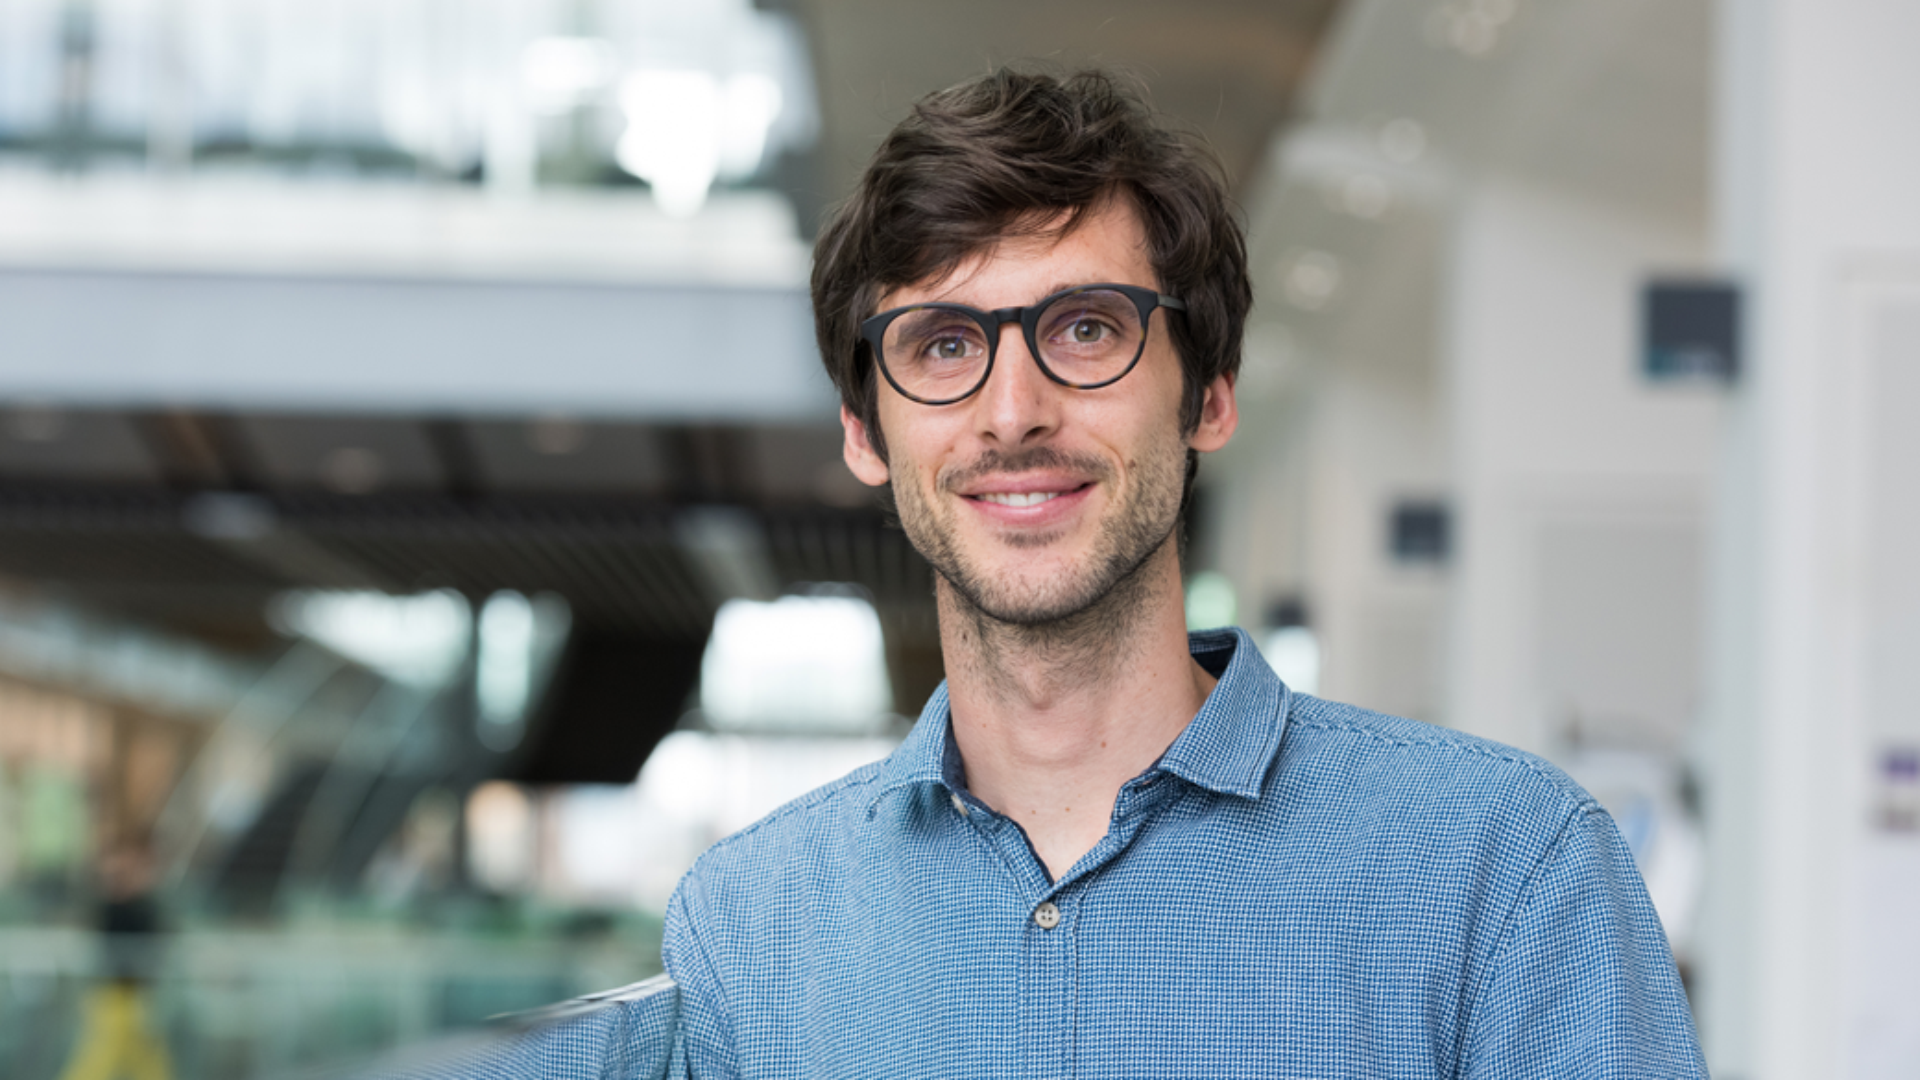 Christoph Messner, um dos principais autores do estudo.